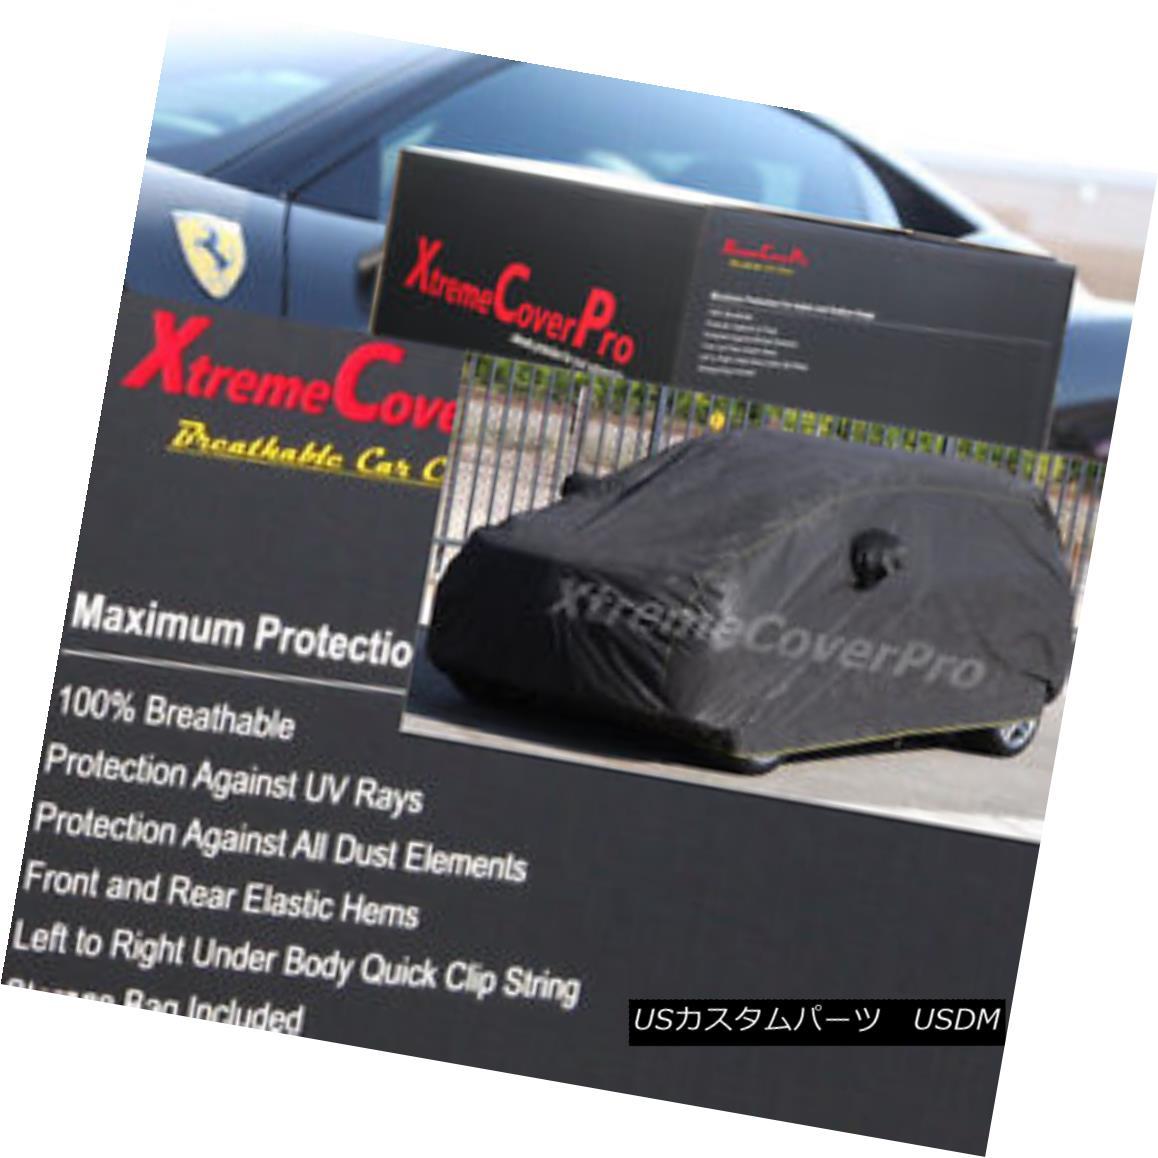 カーカバー 2014 Mitsubishi Outlander Sport Breathable Car Cover w/ Mirror Pocket 2014年三菱アウトランダースポーツ通気性車カバー(ミラーポケット付)